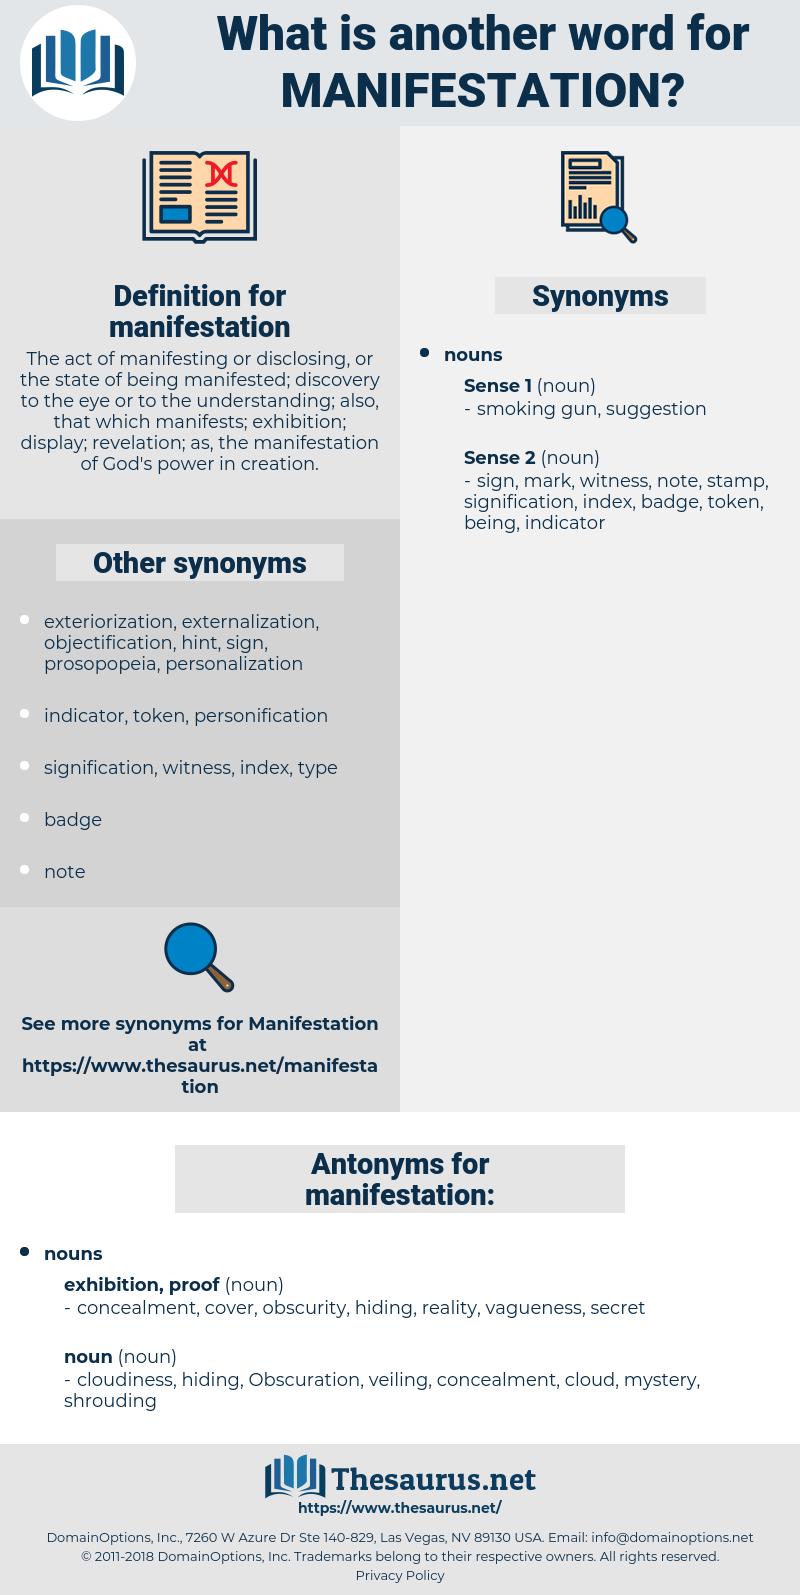 manifestation, synonym manifestation, another word for manifestation, words like manifestation, thesaurus manifestation